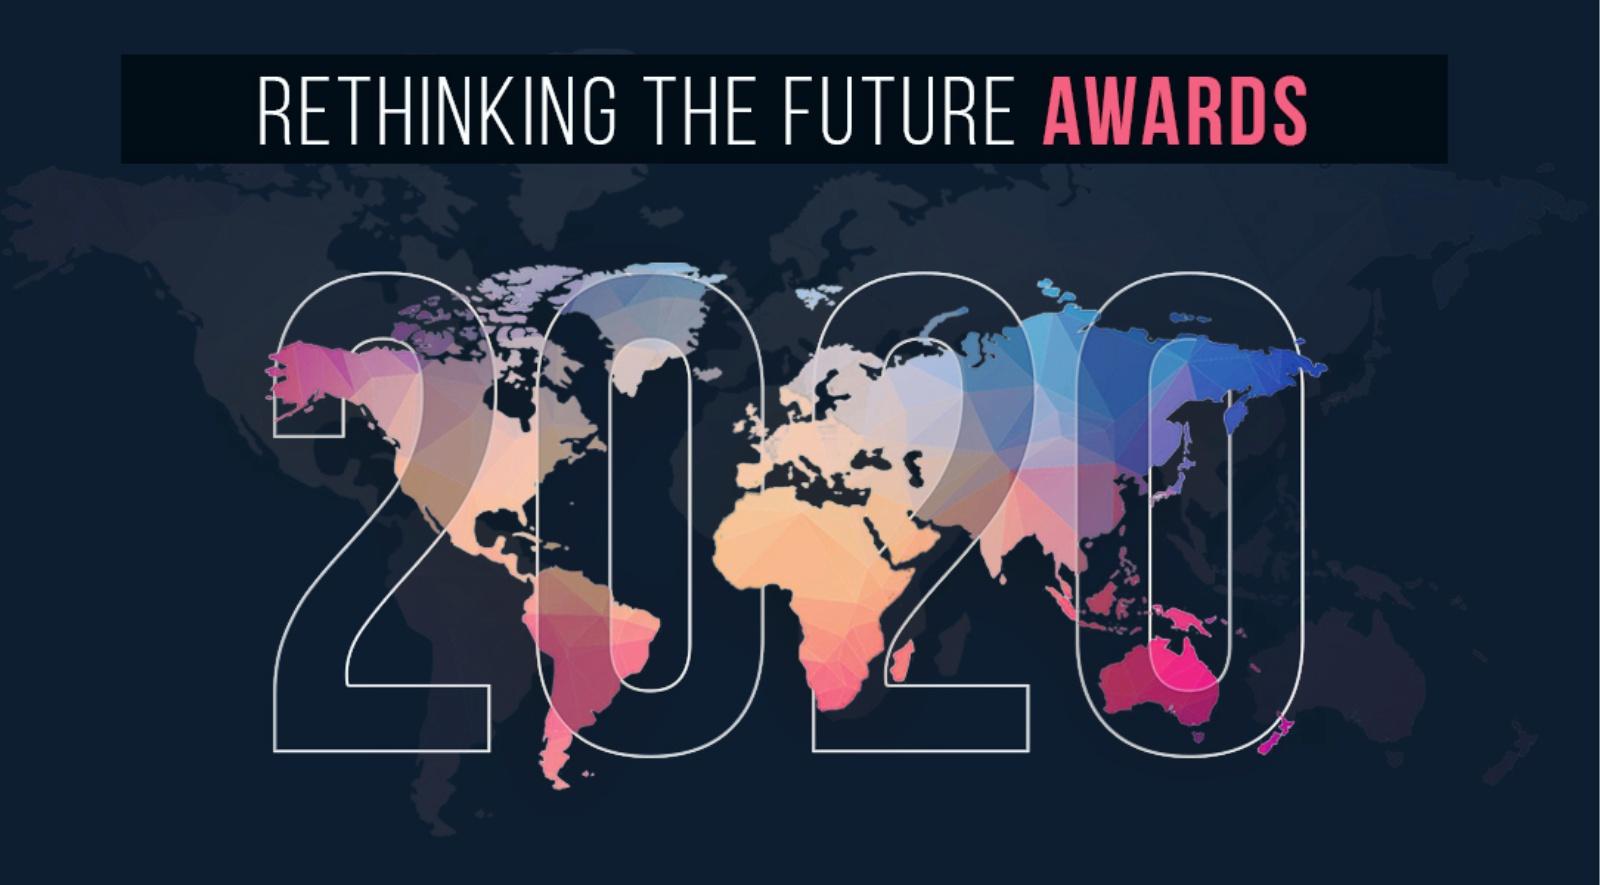 Rethinking The Future Awards